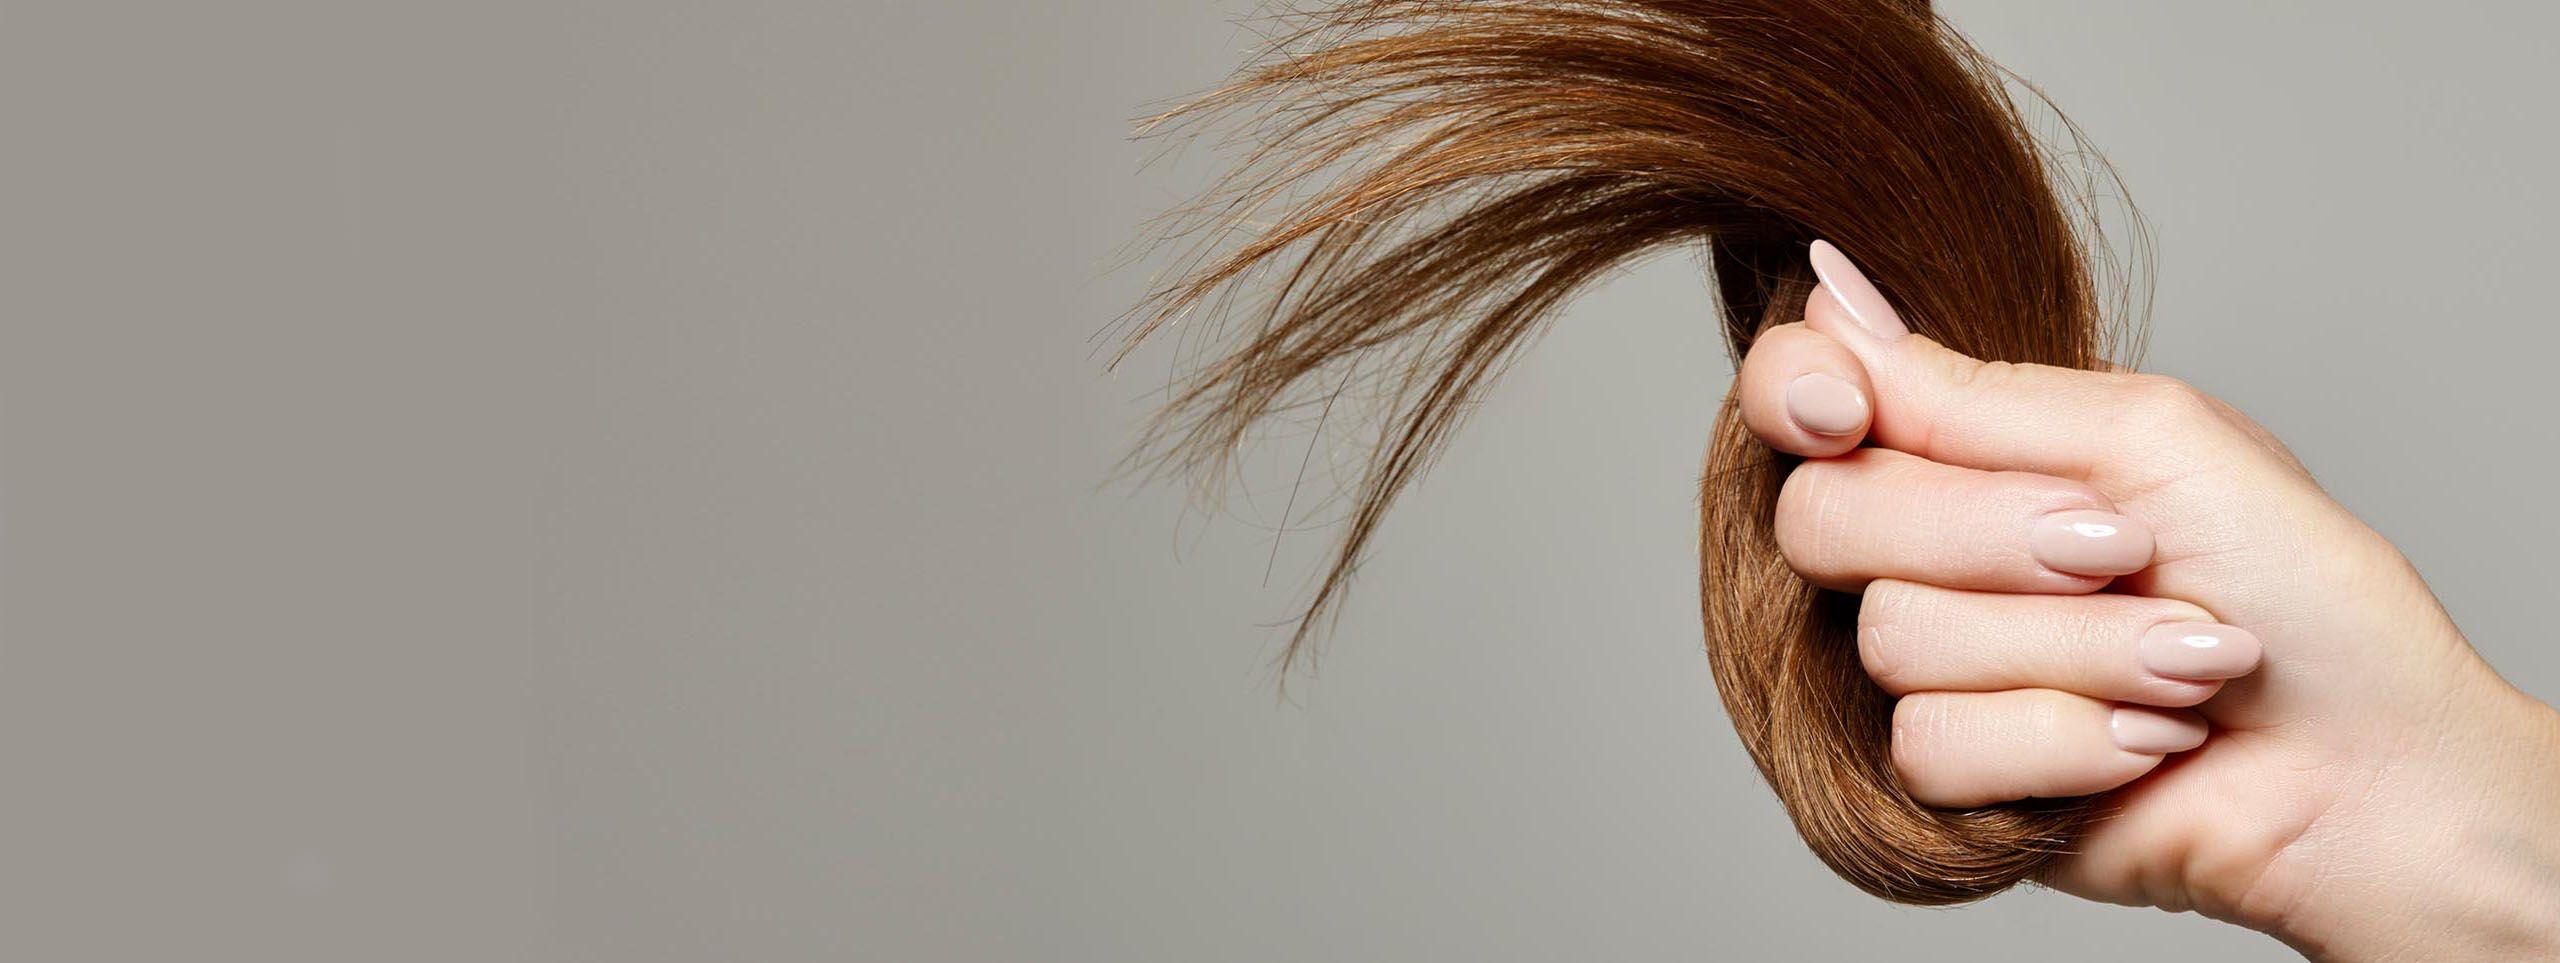 Femme inspectant la chute de ses cheveux